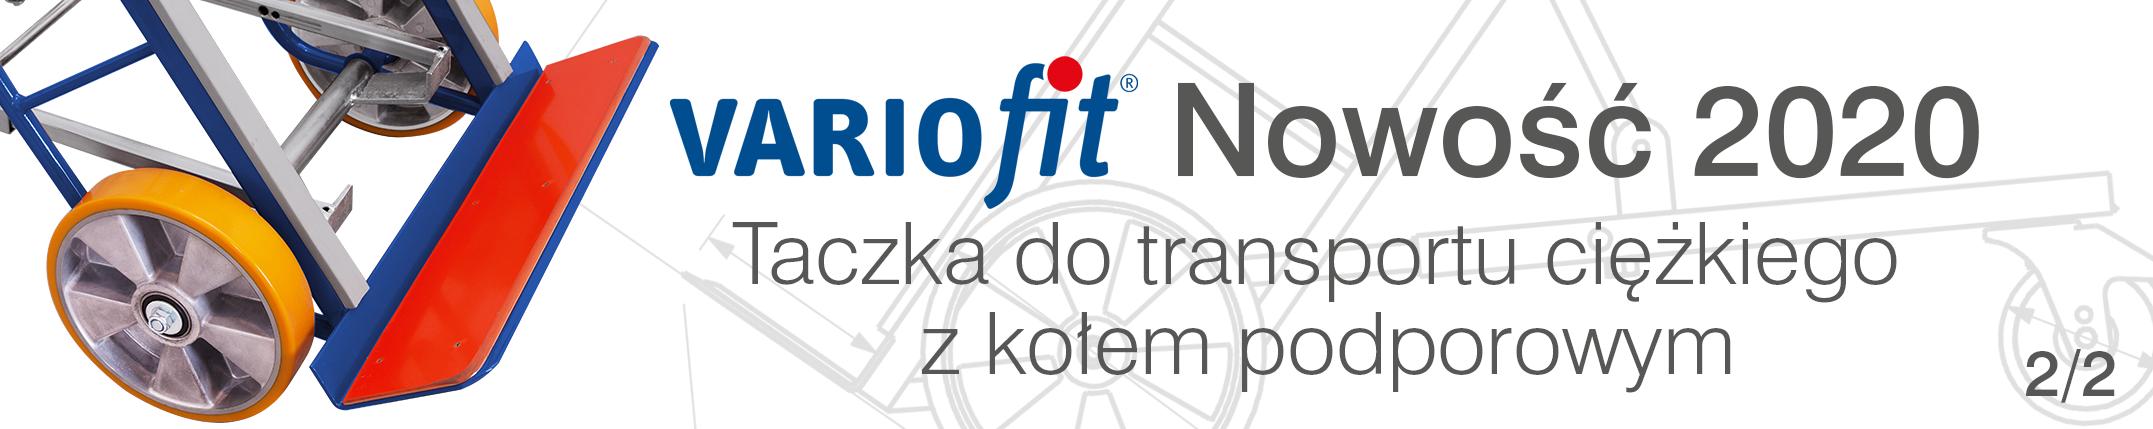 Neuheiten-Schwerlastkarre-2020-pl